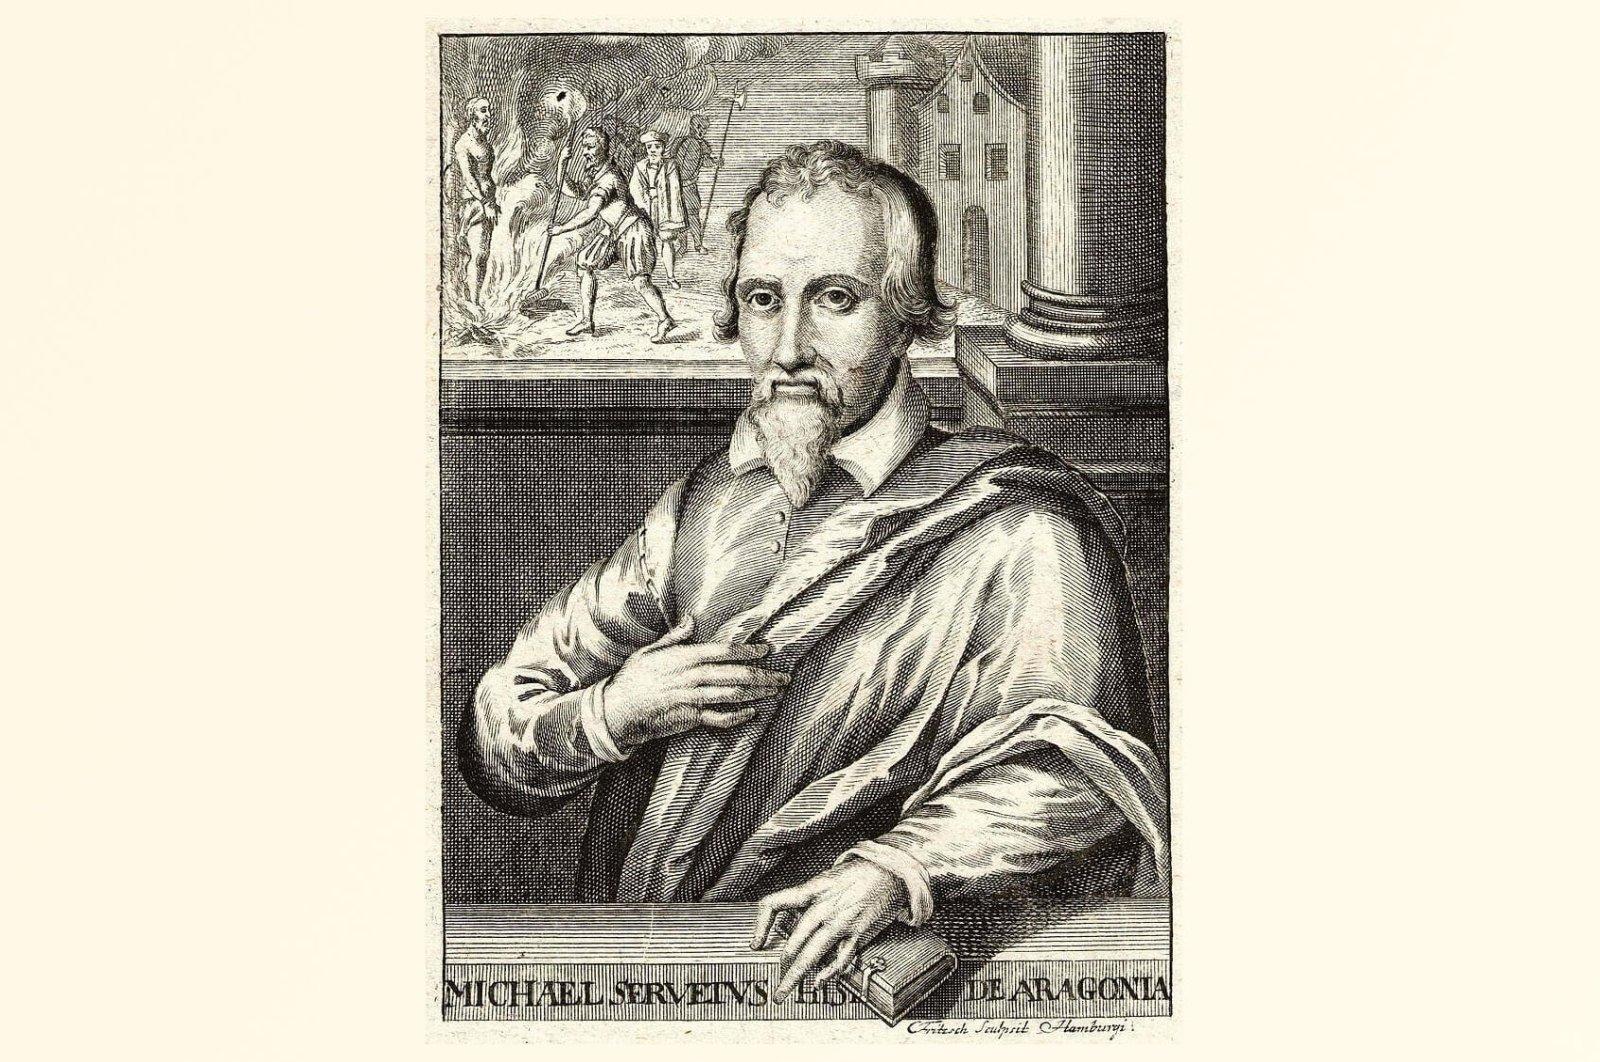 An engraving depicts Michael Servetus.